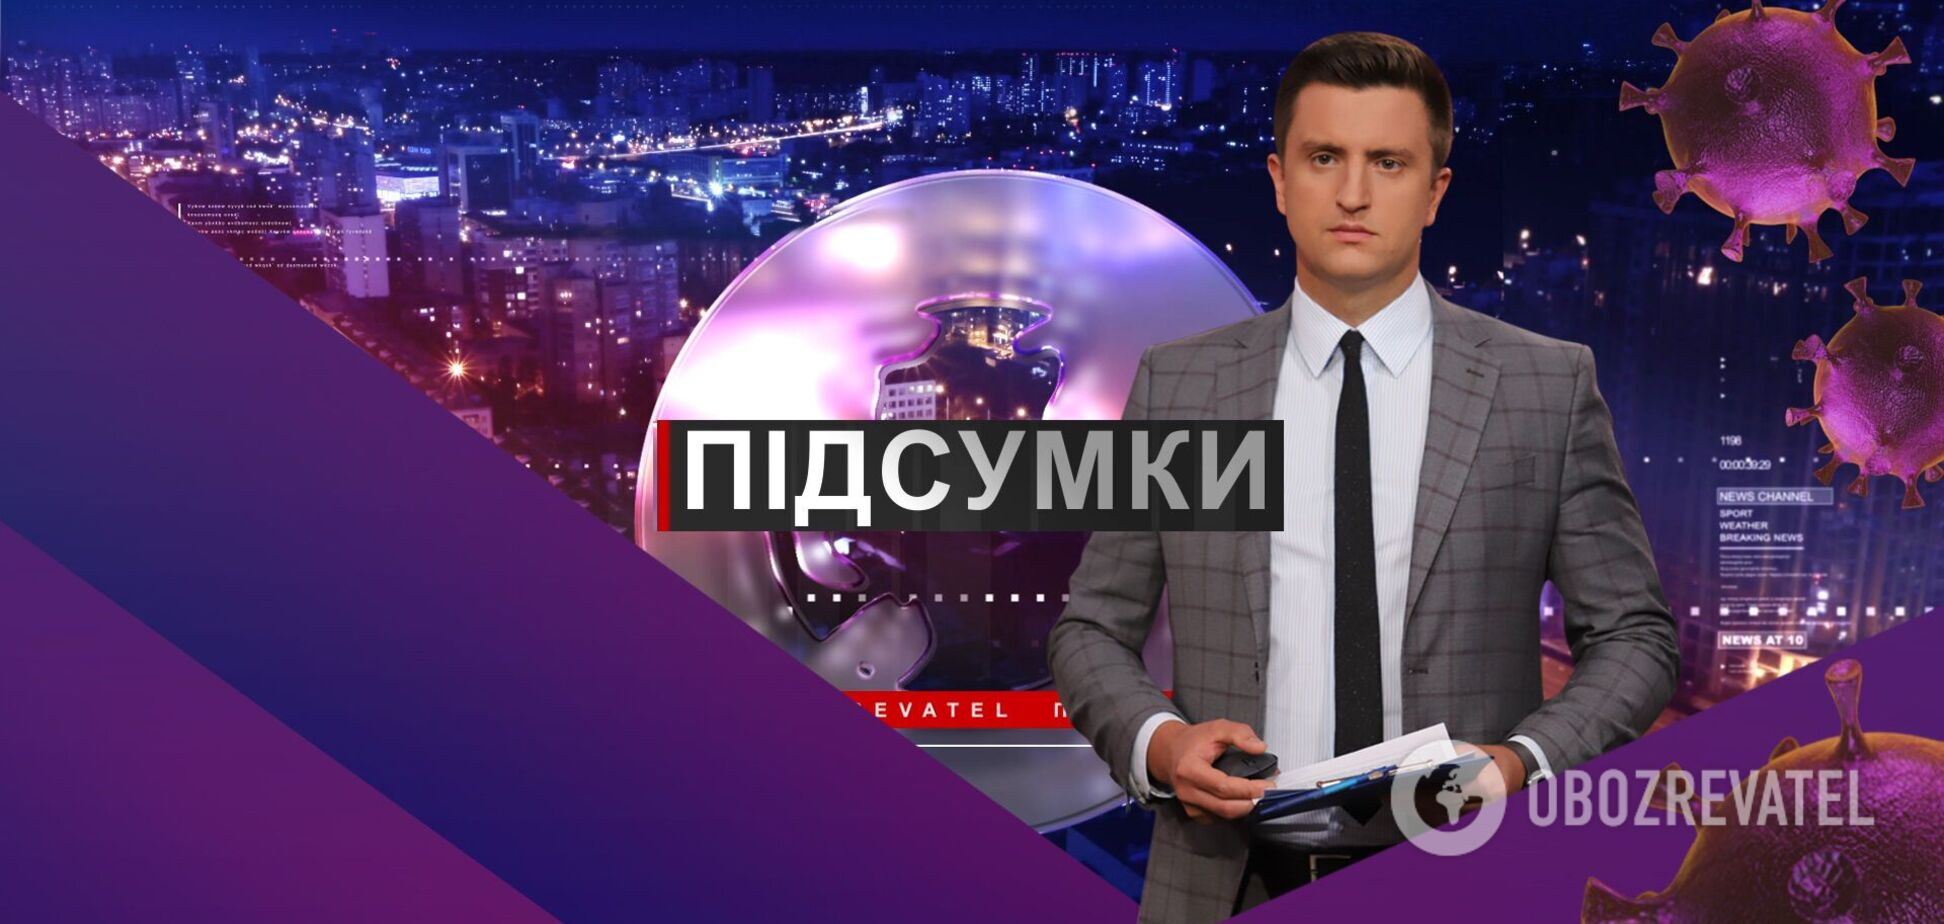 Підсумки дня з Вадимом Колодійчуком. Середа, 30 грудня